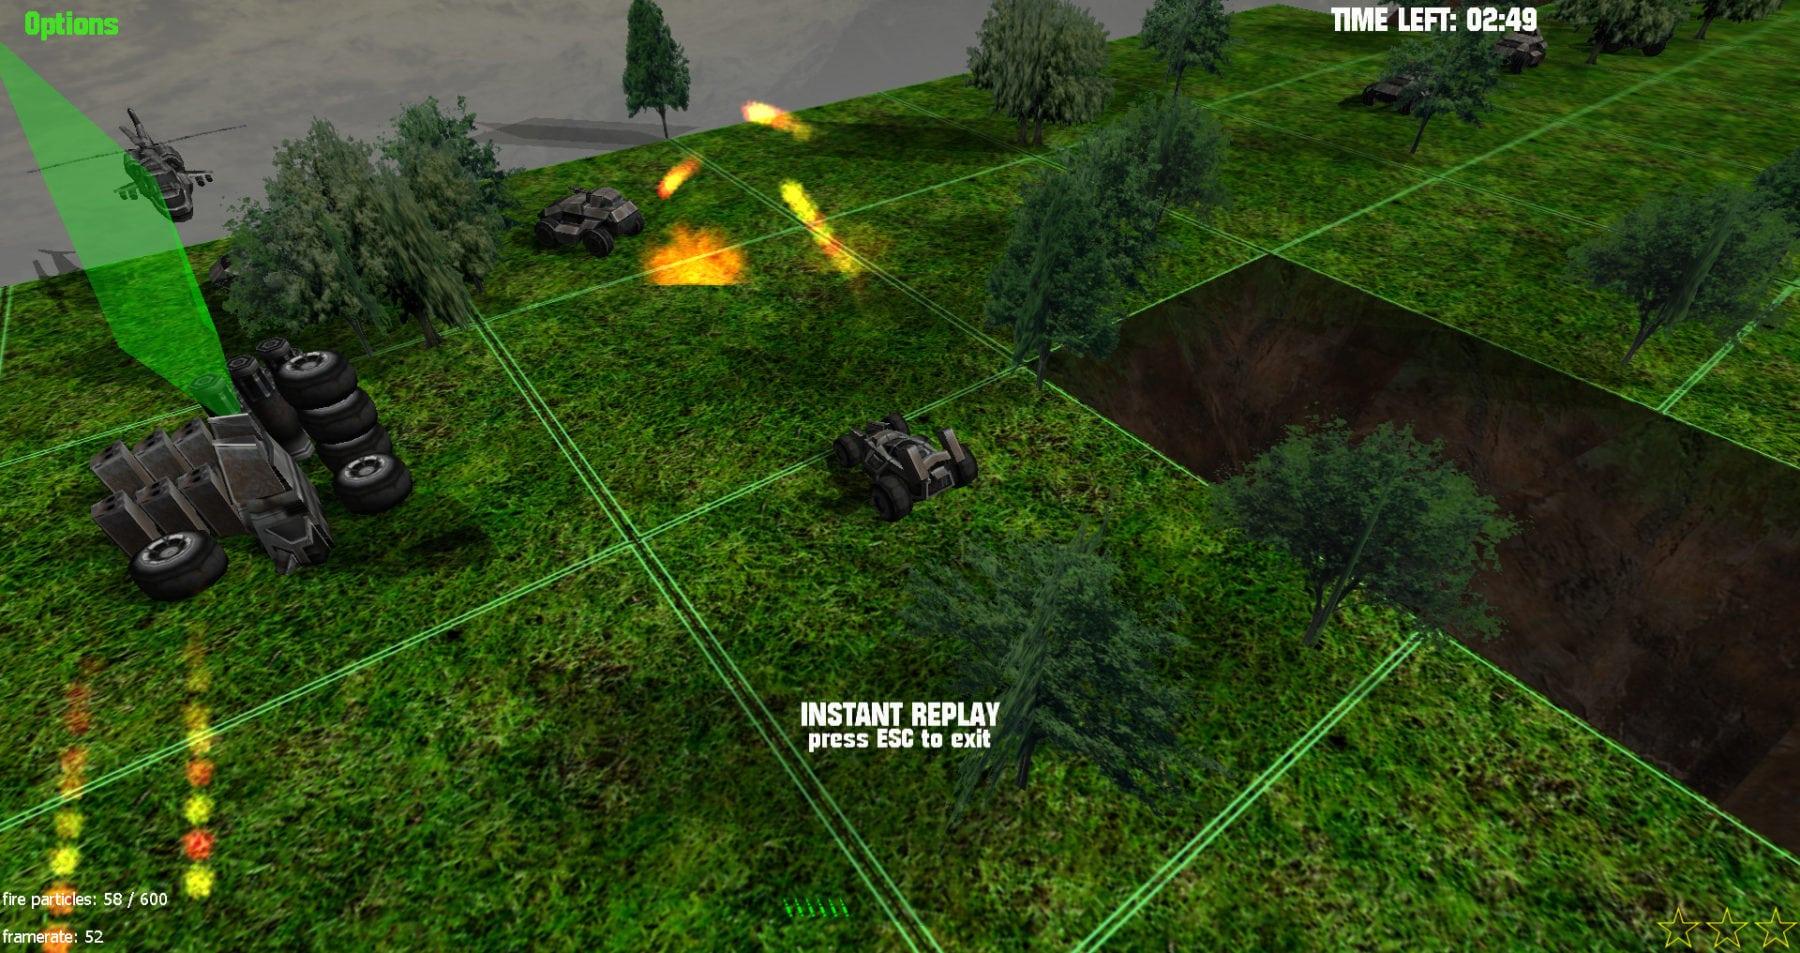 El rompecabezas de acción The General Retreats llega a Steam e Itch.io